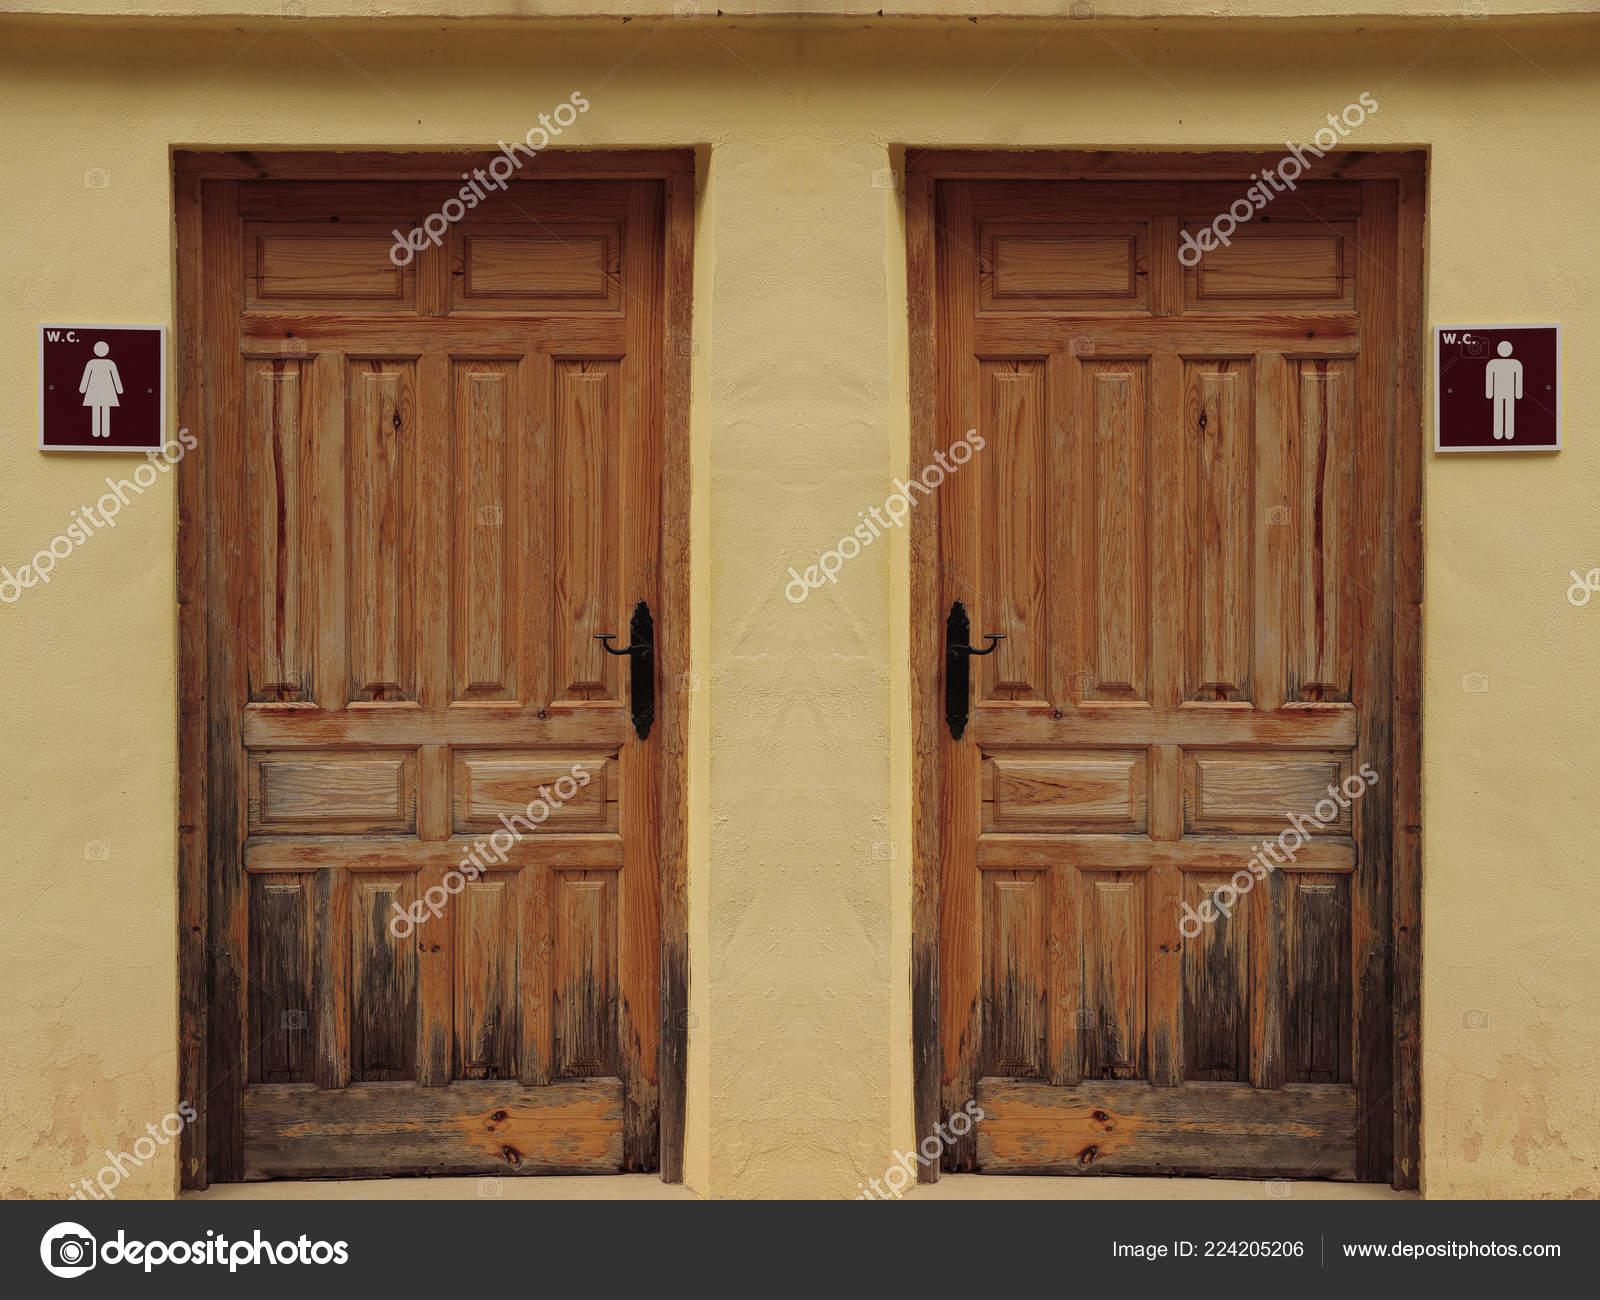 Senales Puertas Madera Bano Cerraron Una Fachada Amarillo Foto De